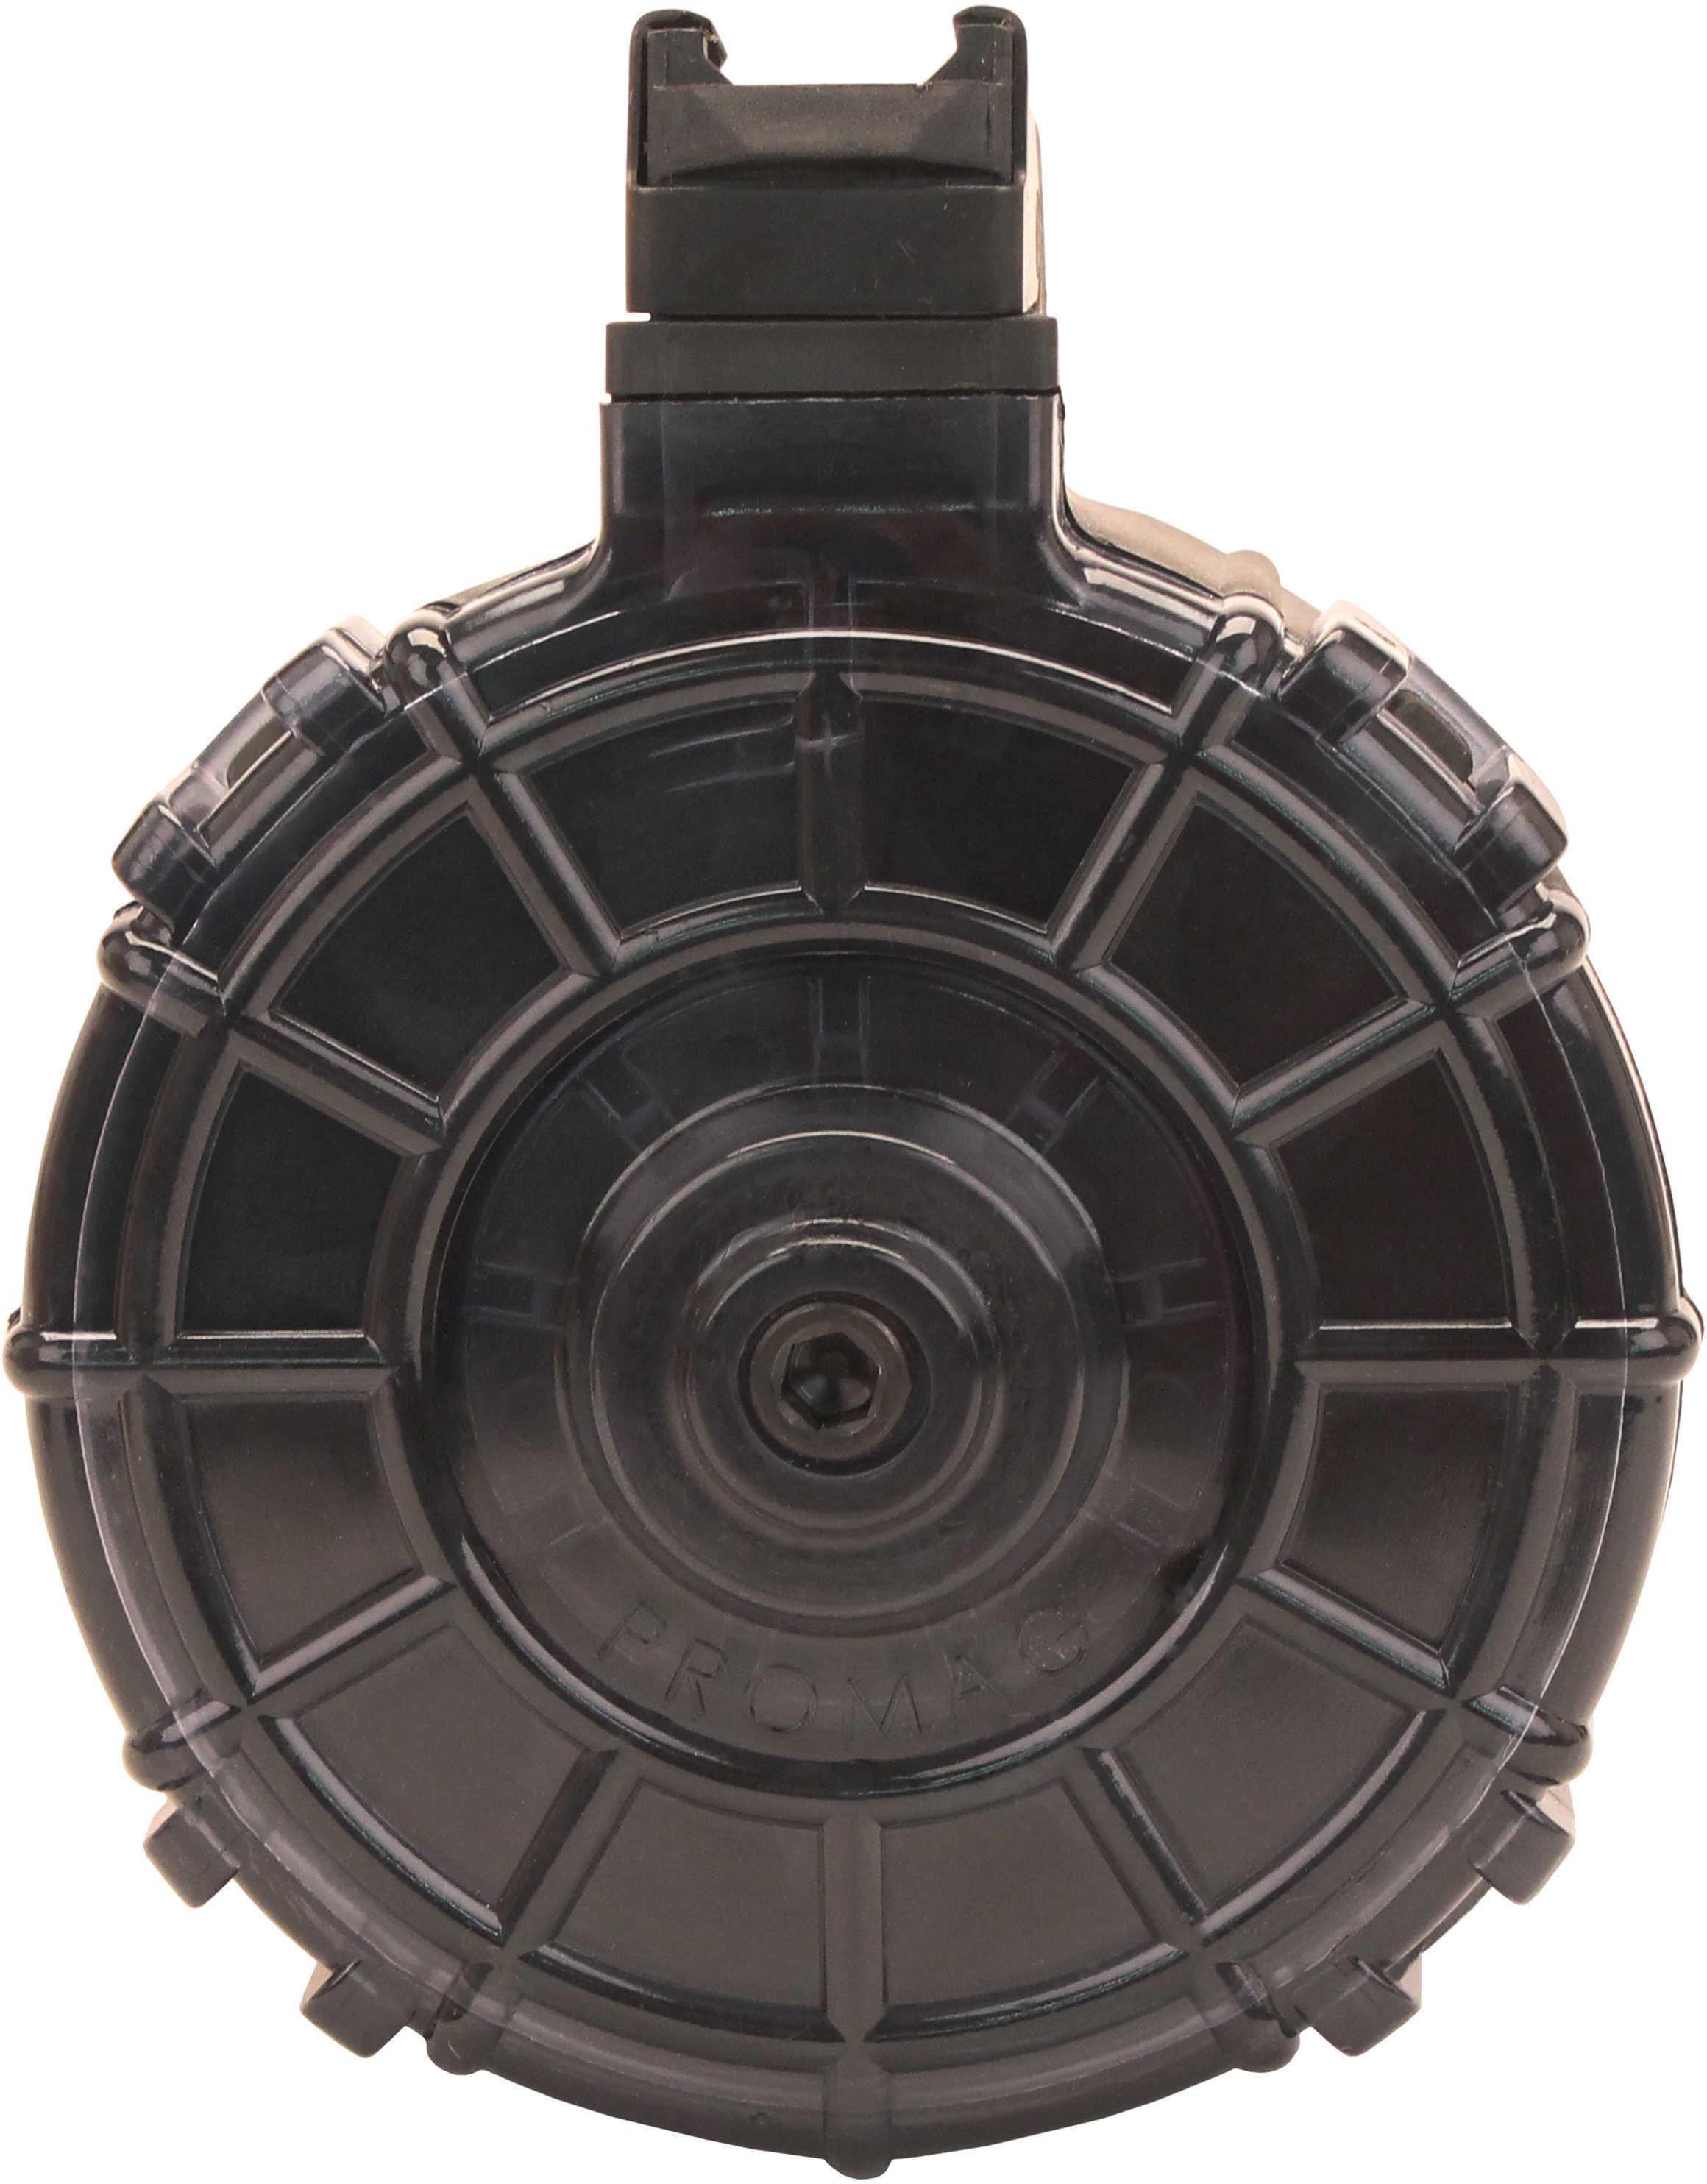 SaiGa 12 Gauge 12 Round Drum Black Md: SAI-A7